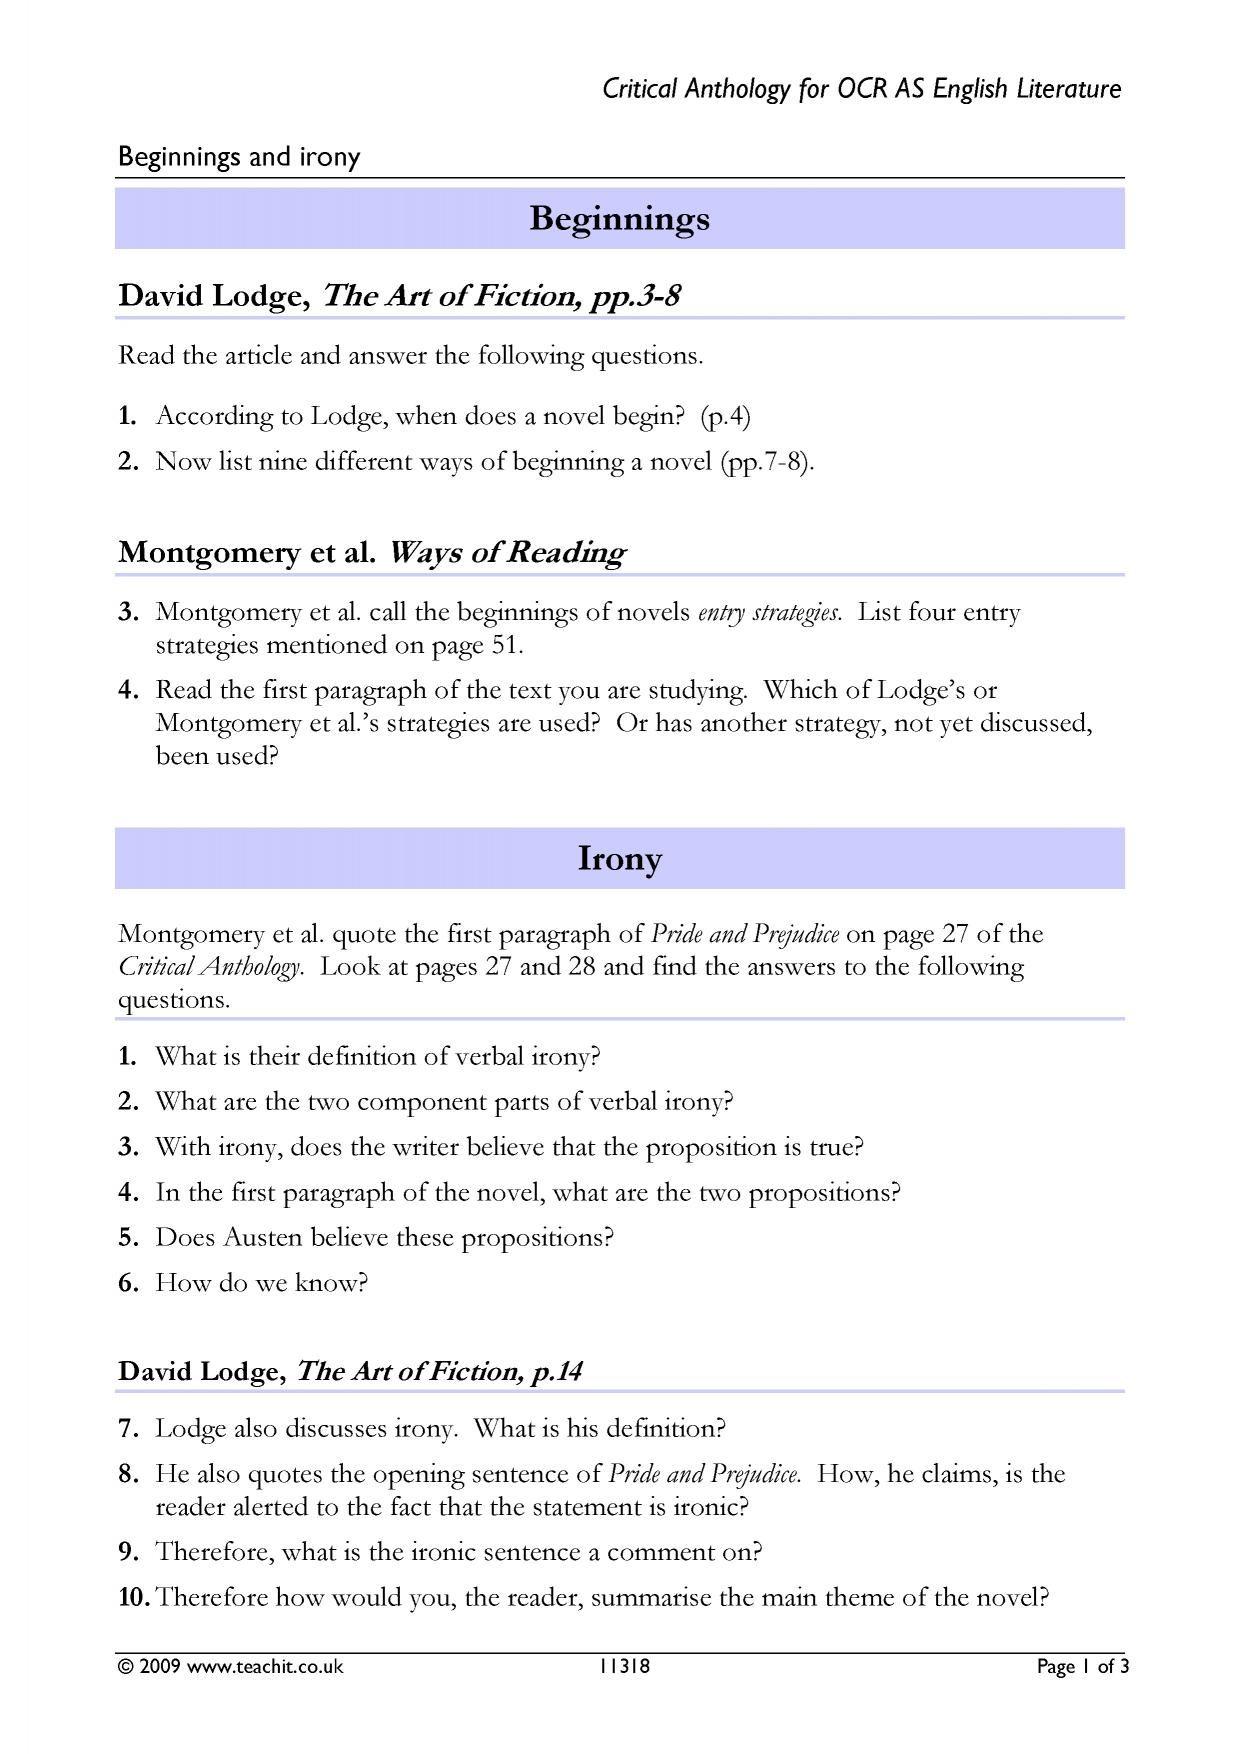 Identifying Irony Worksheet Answers